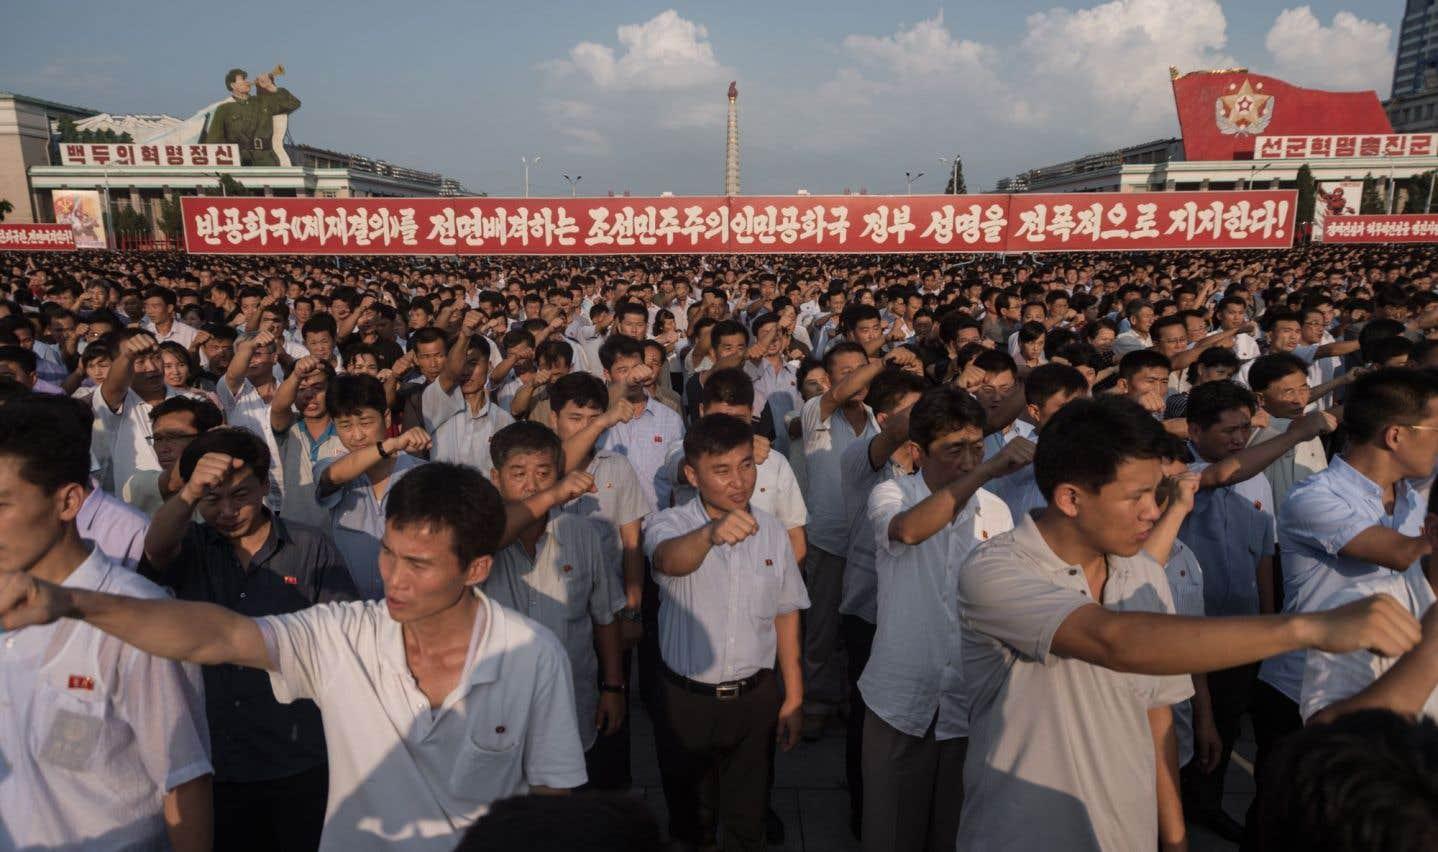 Entre les États-Unis et la Corée du Nord, la Chine cherche l'apaisement